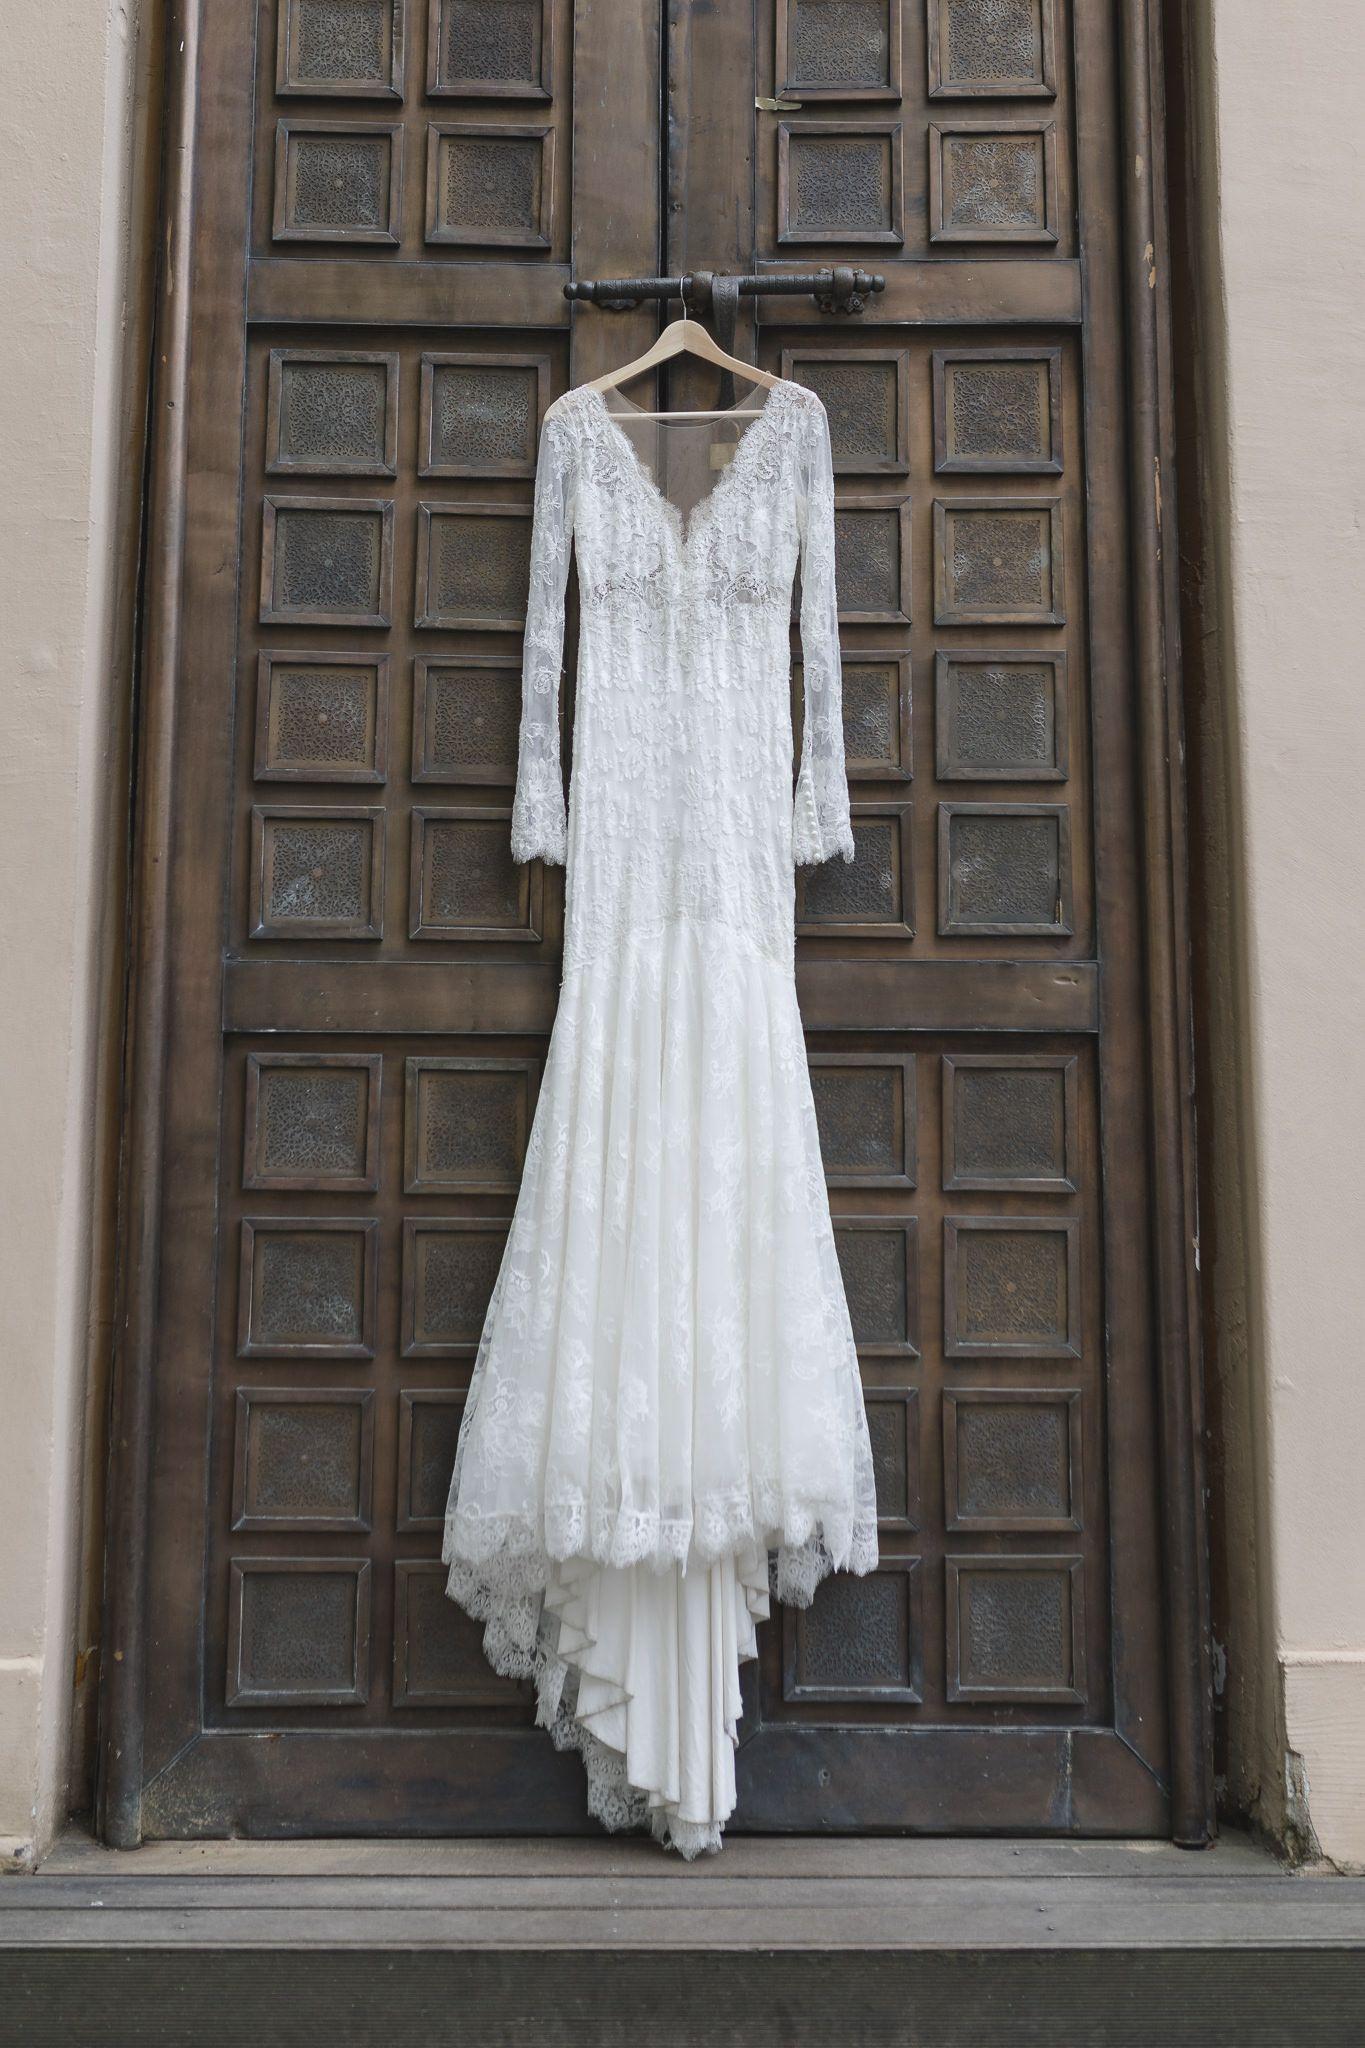 marokkanisches Brautkleid  Marokkanische braut, Brautkleid, Kleider